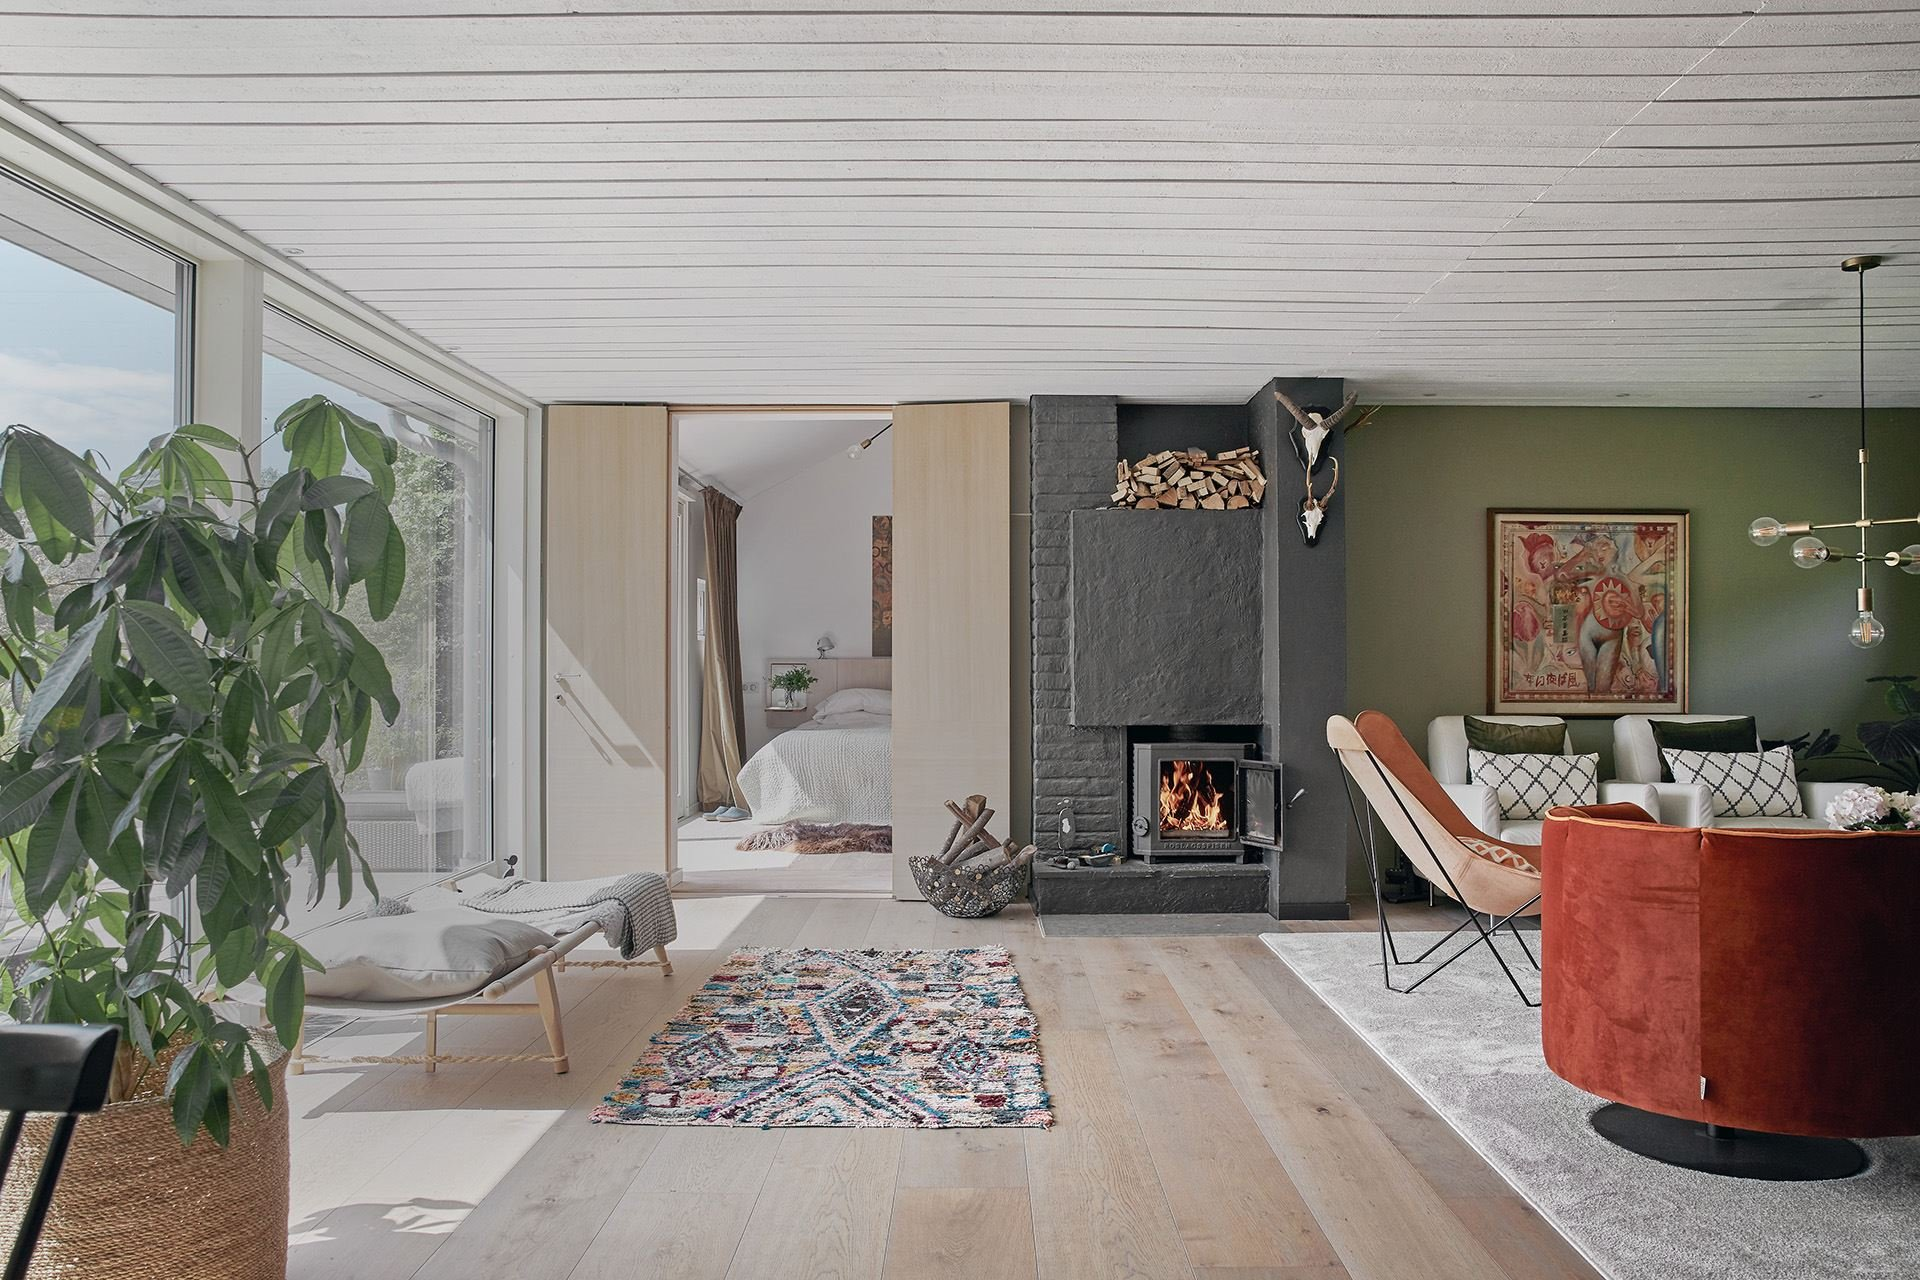 Casa en el campo con decoracion de interiores de estilo nordico con caballos salon con chimenea